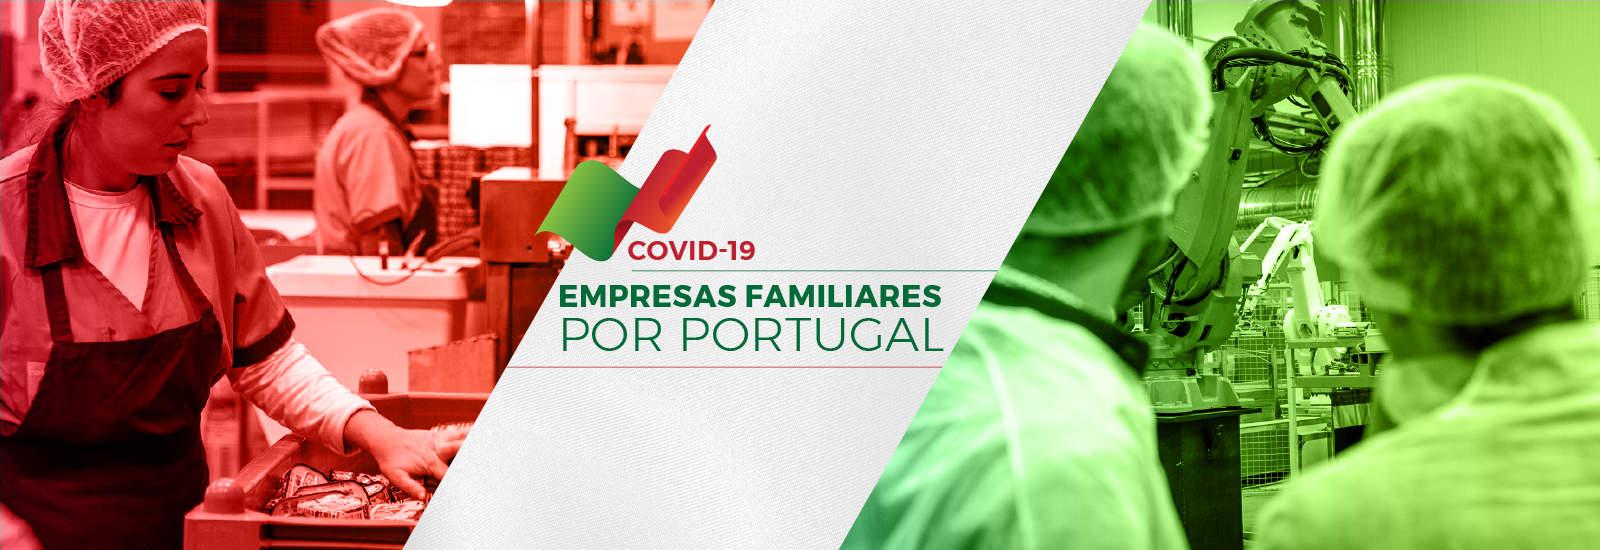 20200327-PorPortuga-1600x550